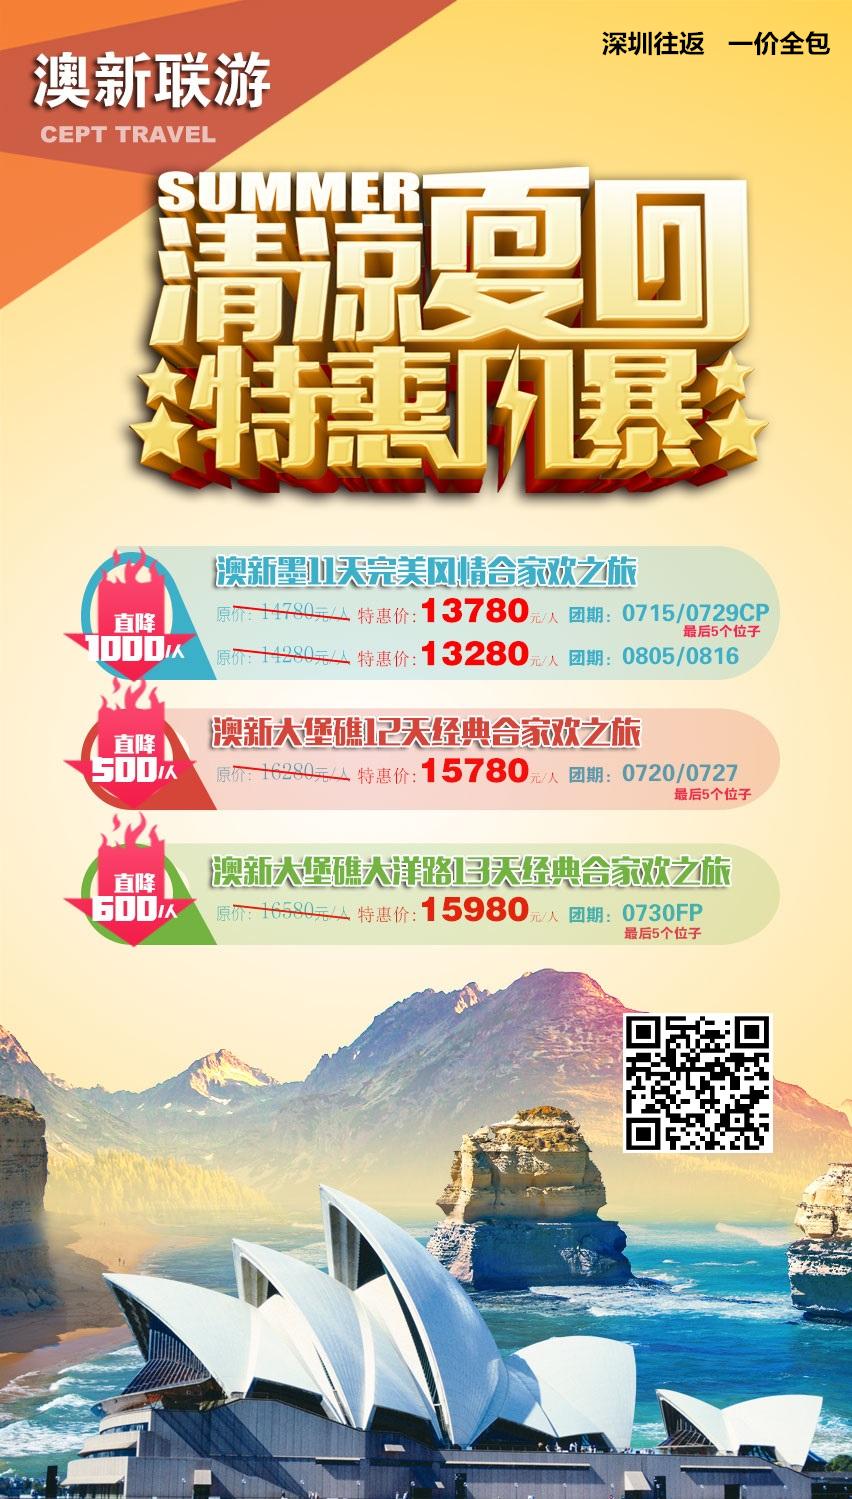 【暑假澳新特价】直降500起!!一价全含、澳洲新西兰合家欢之旅、深圳往返